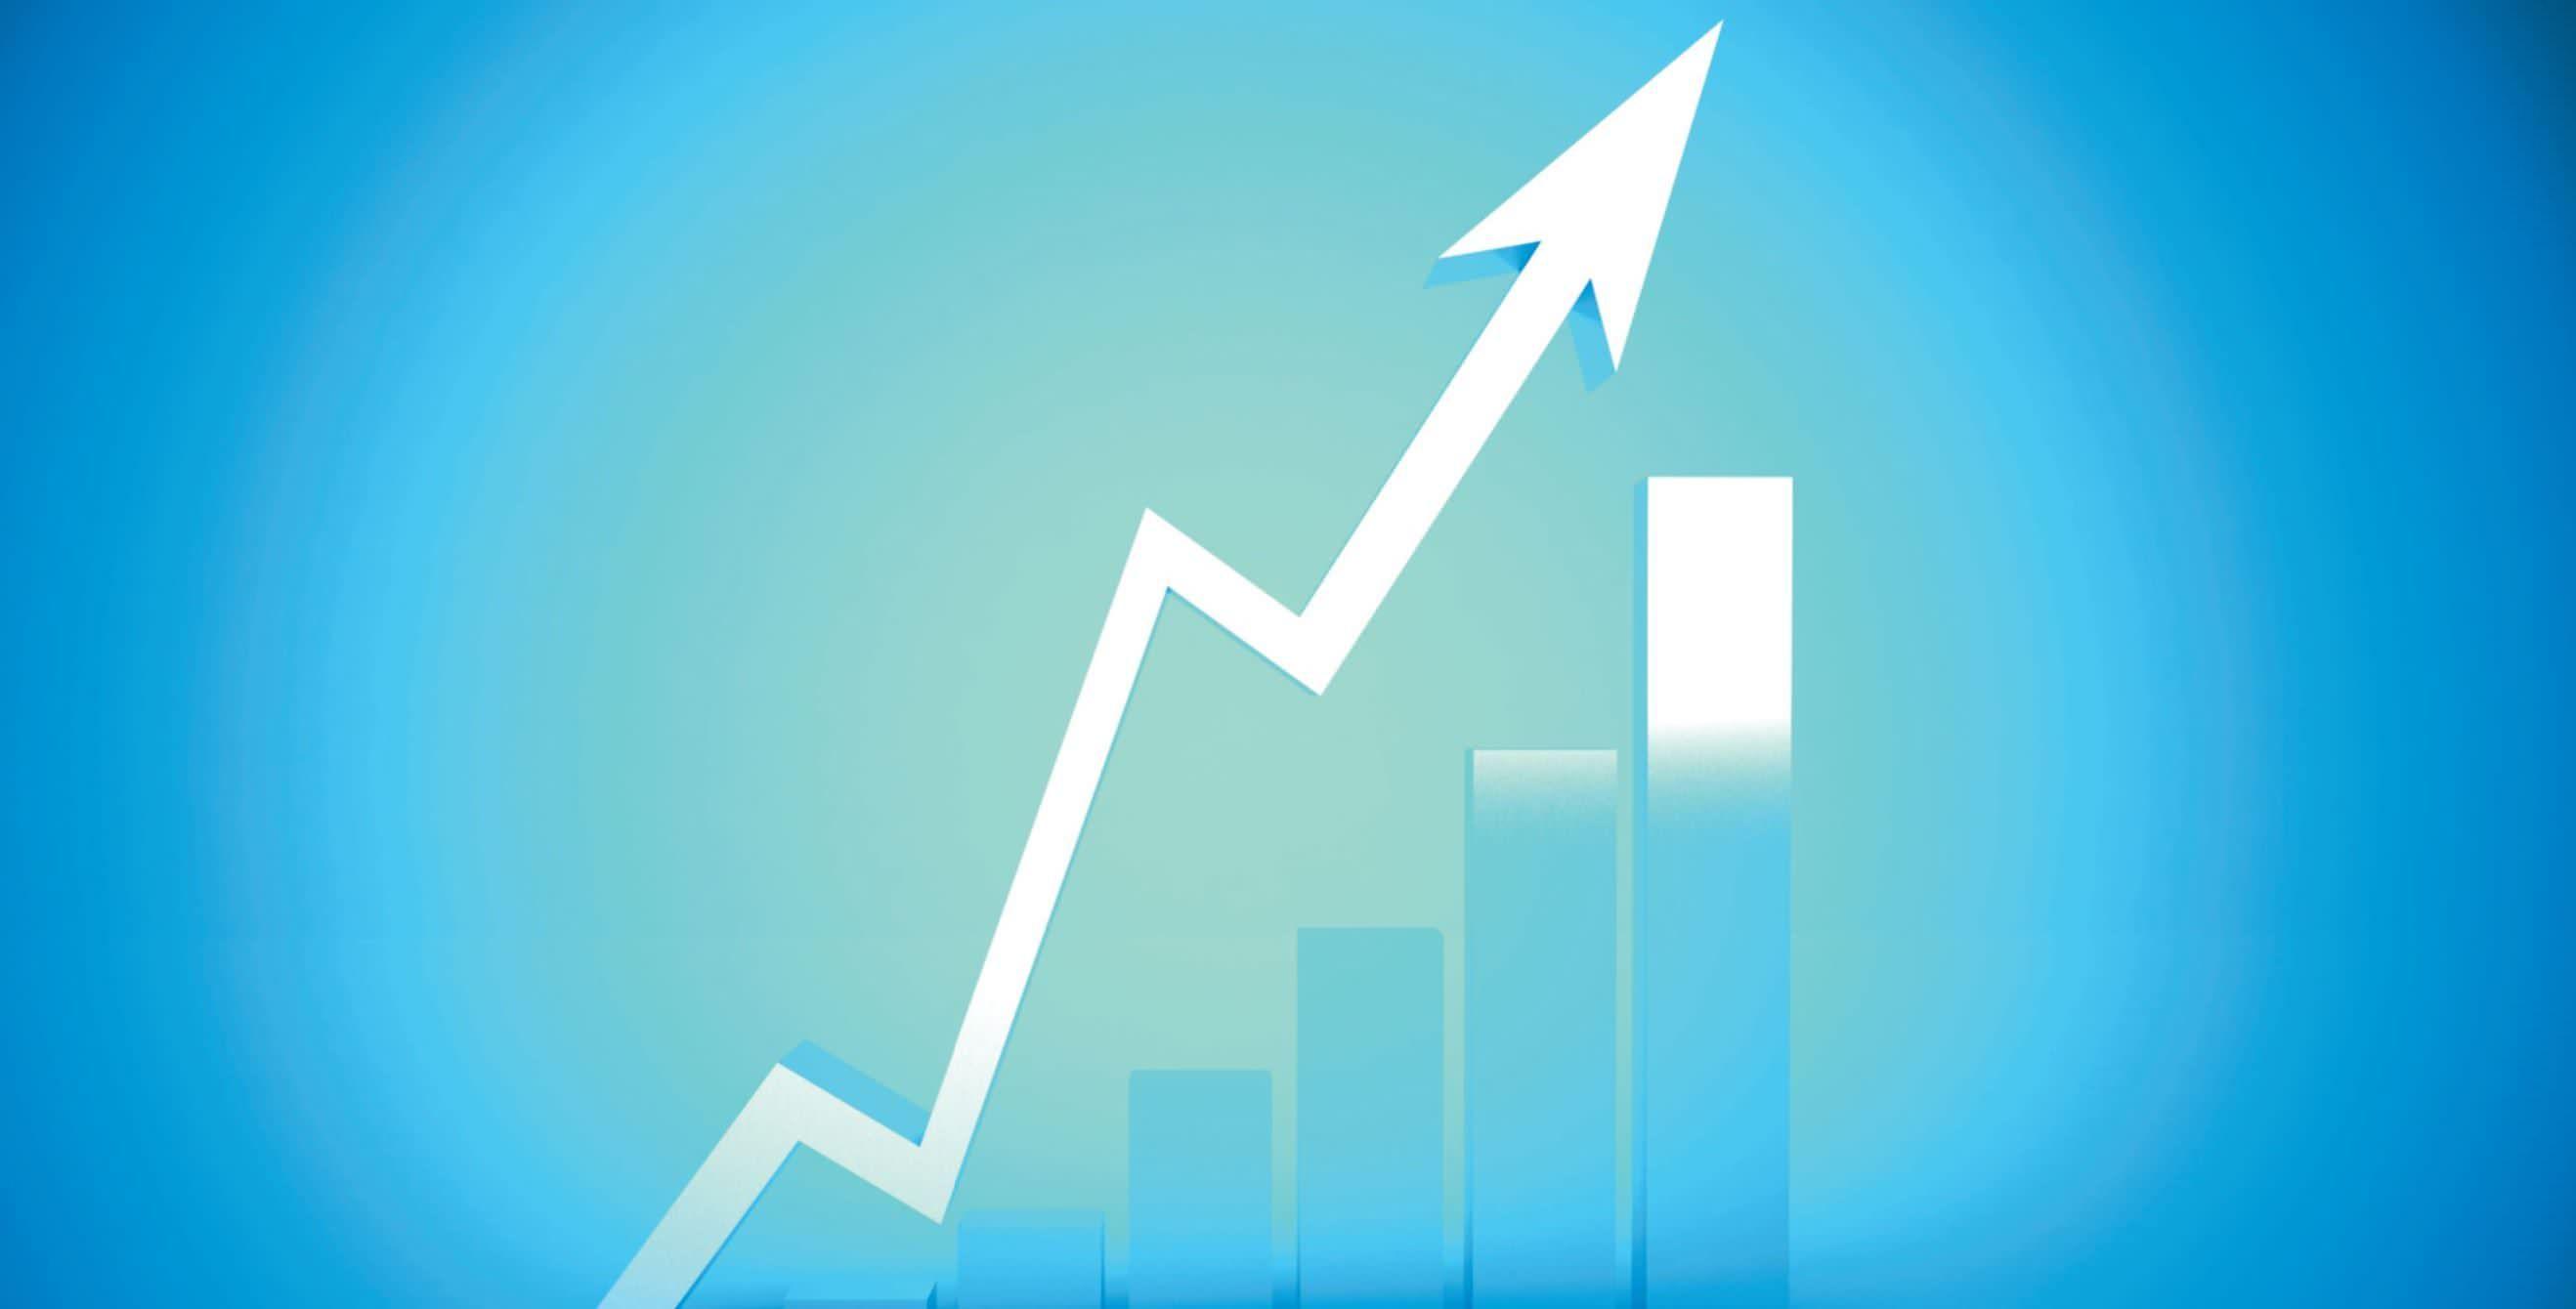 Investing in Penny Stocks